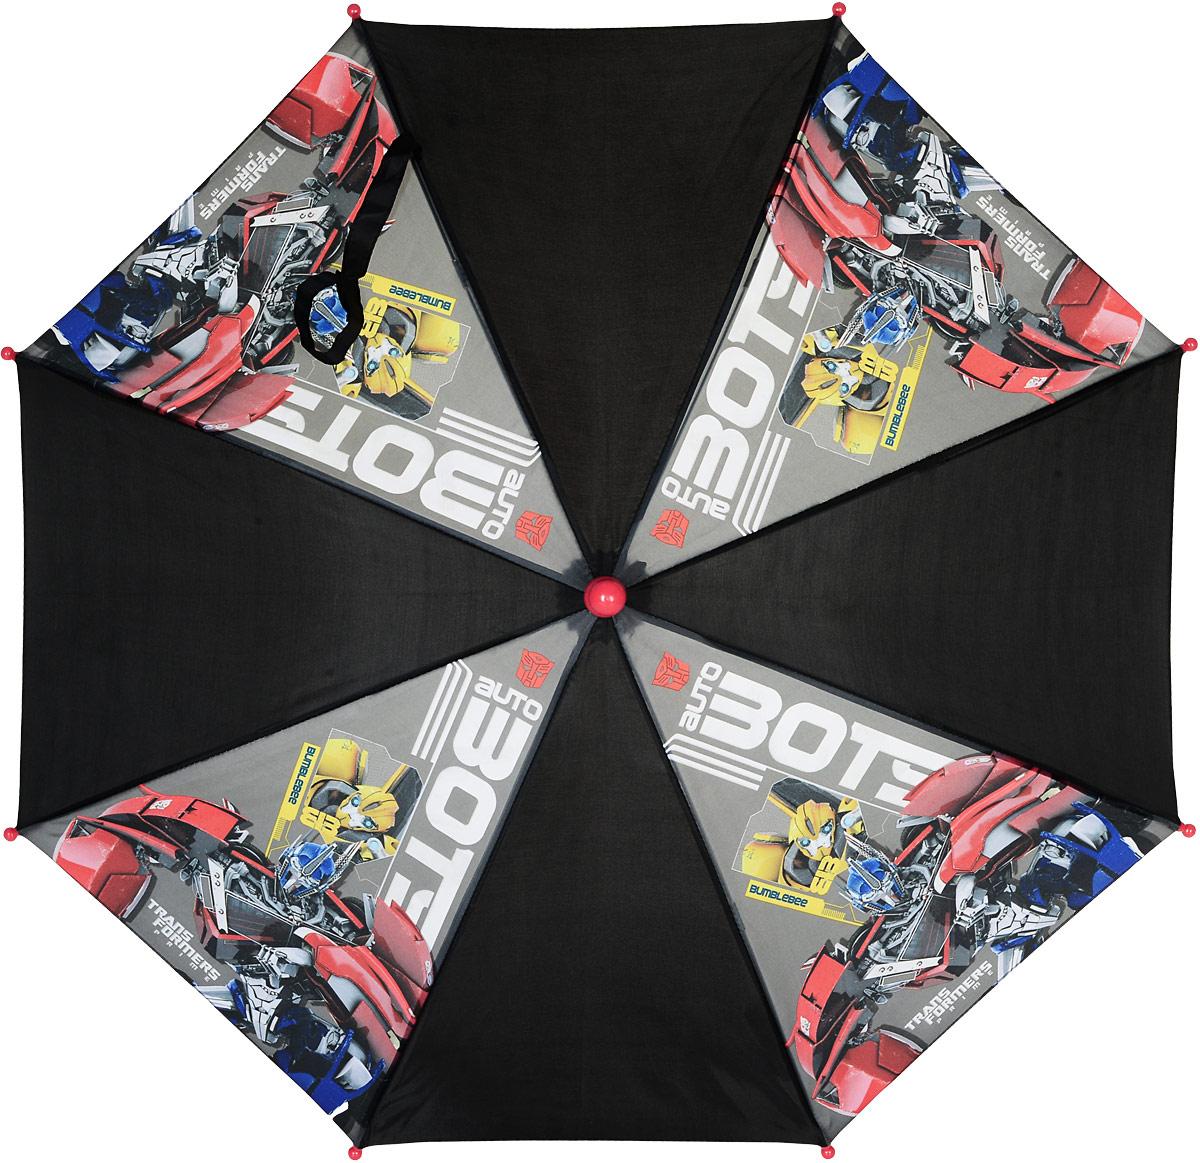 Зонт-трость для мальчика Transformers, цвет: черный, красный. TRANS005001TRANS005001Компактный детский зонтик-трость станет замечательным подарком для вашего ребенка и защитит его не только от дождя, но и от солнца. Красочный дизайн зонтика поднимет настроение и станет незаменимым атрибутом прогулки. Ребенок сможет сам открывать и закрывать зонтик благодаря легкому механизму, а оригинальная расцветка зонтика привлечет к себе внимание.